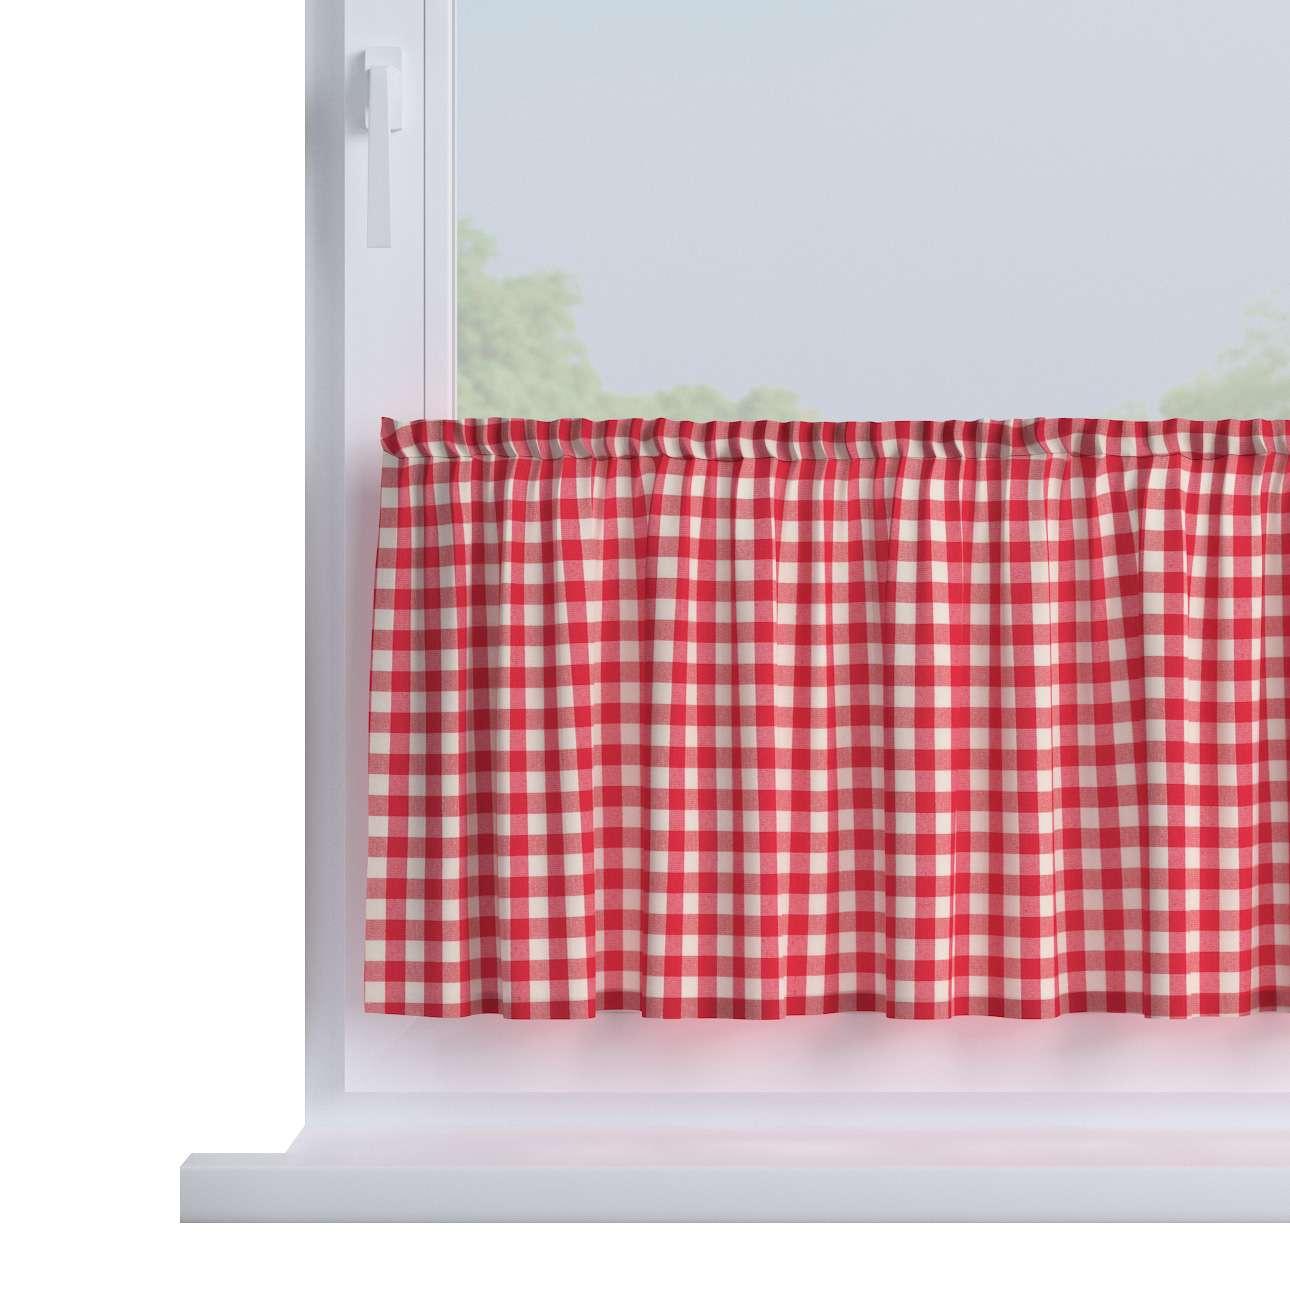 Vitrážka jednoduchá, metráž V kolekcii Quadro, tkanina: 136-16